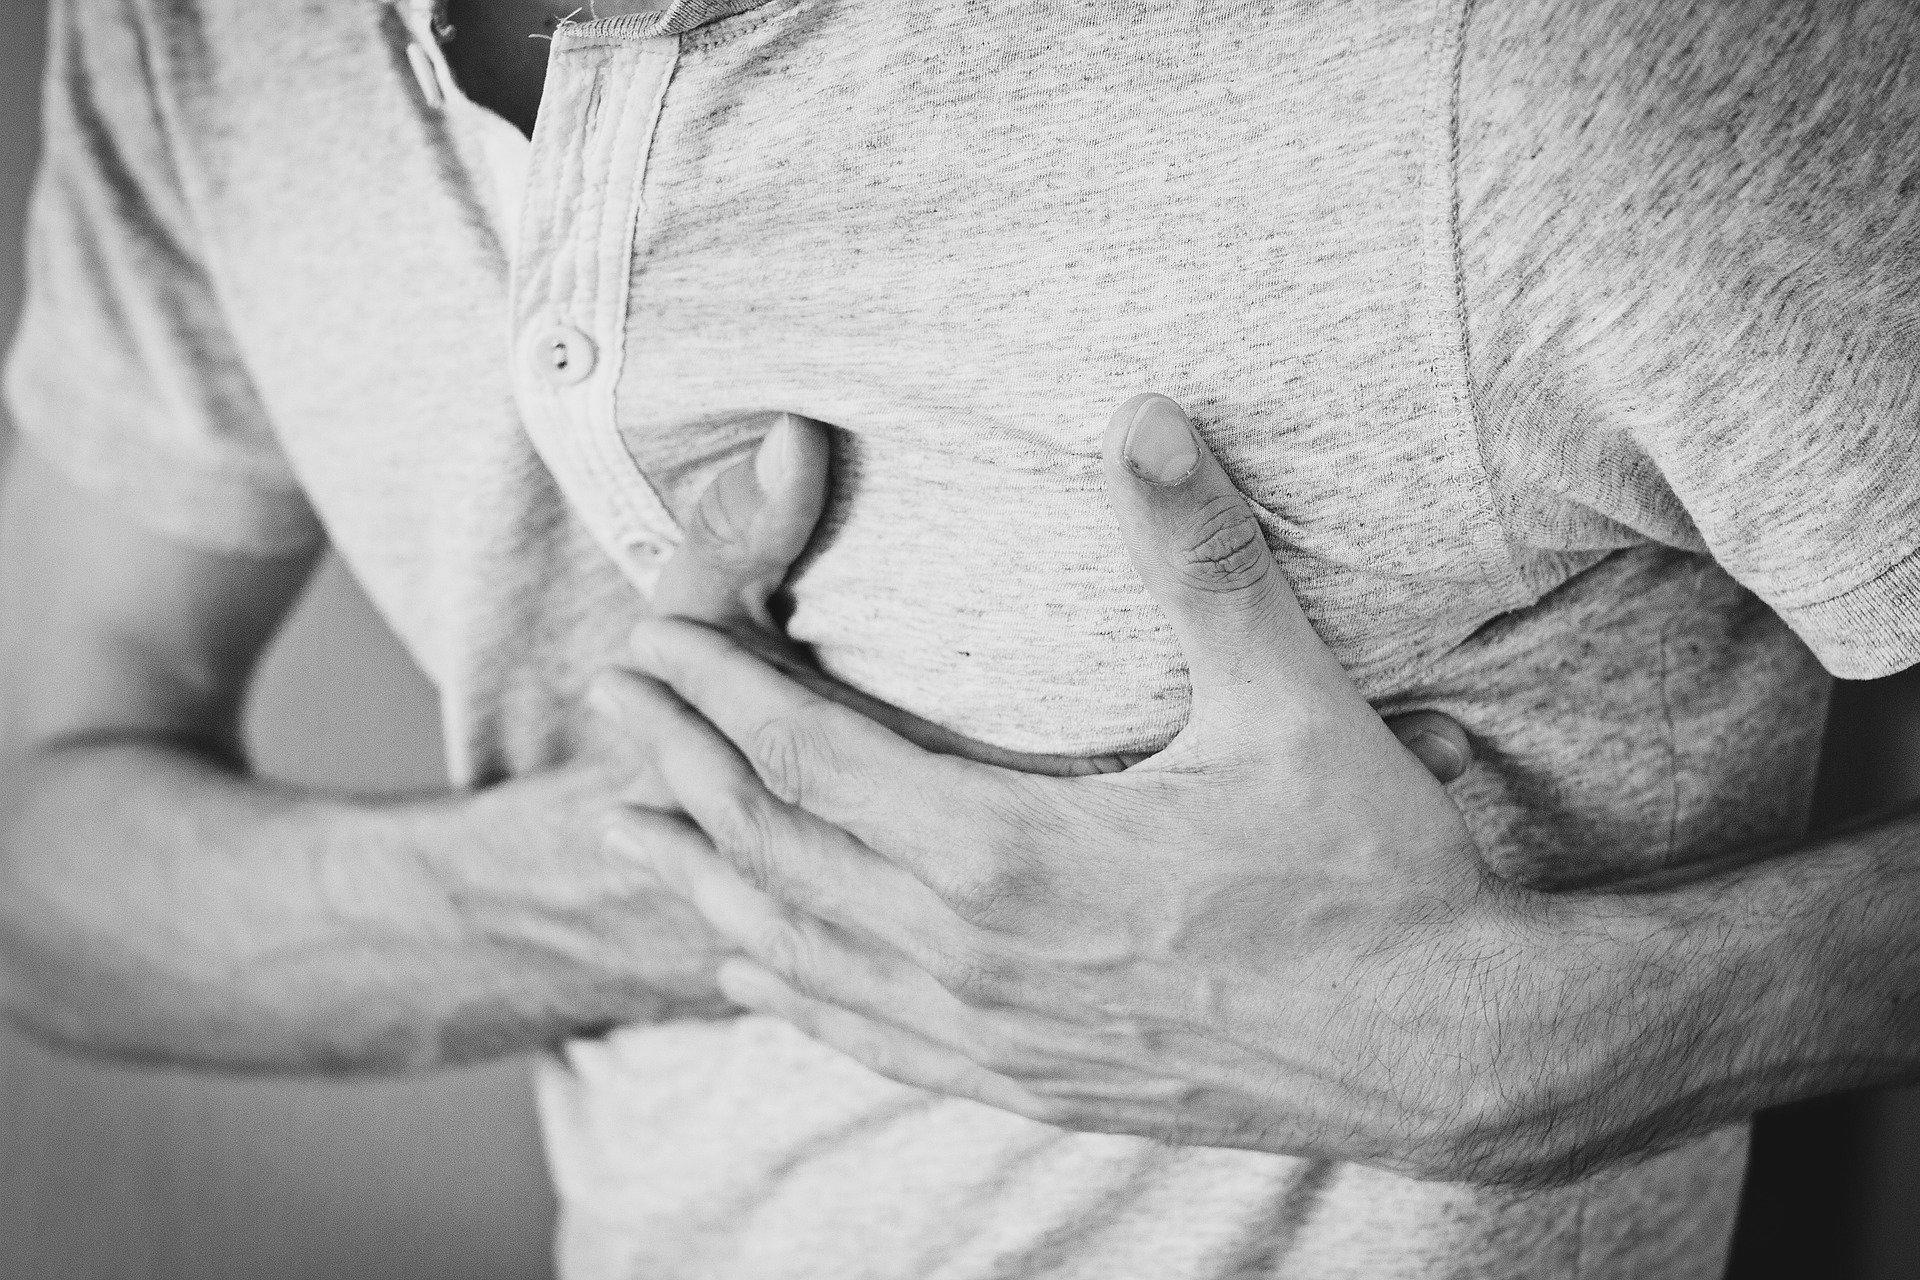 При симптомах инфаркта женщины чаще вызывают скорую помощь мужьям, чем себе